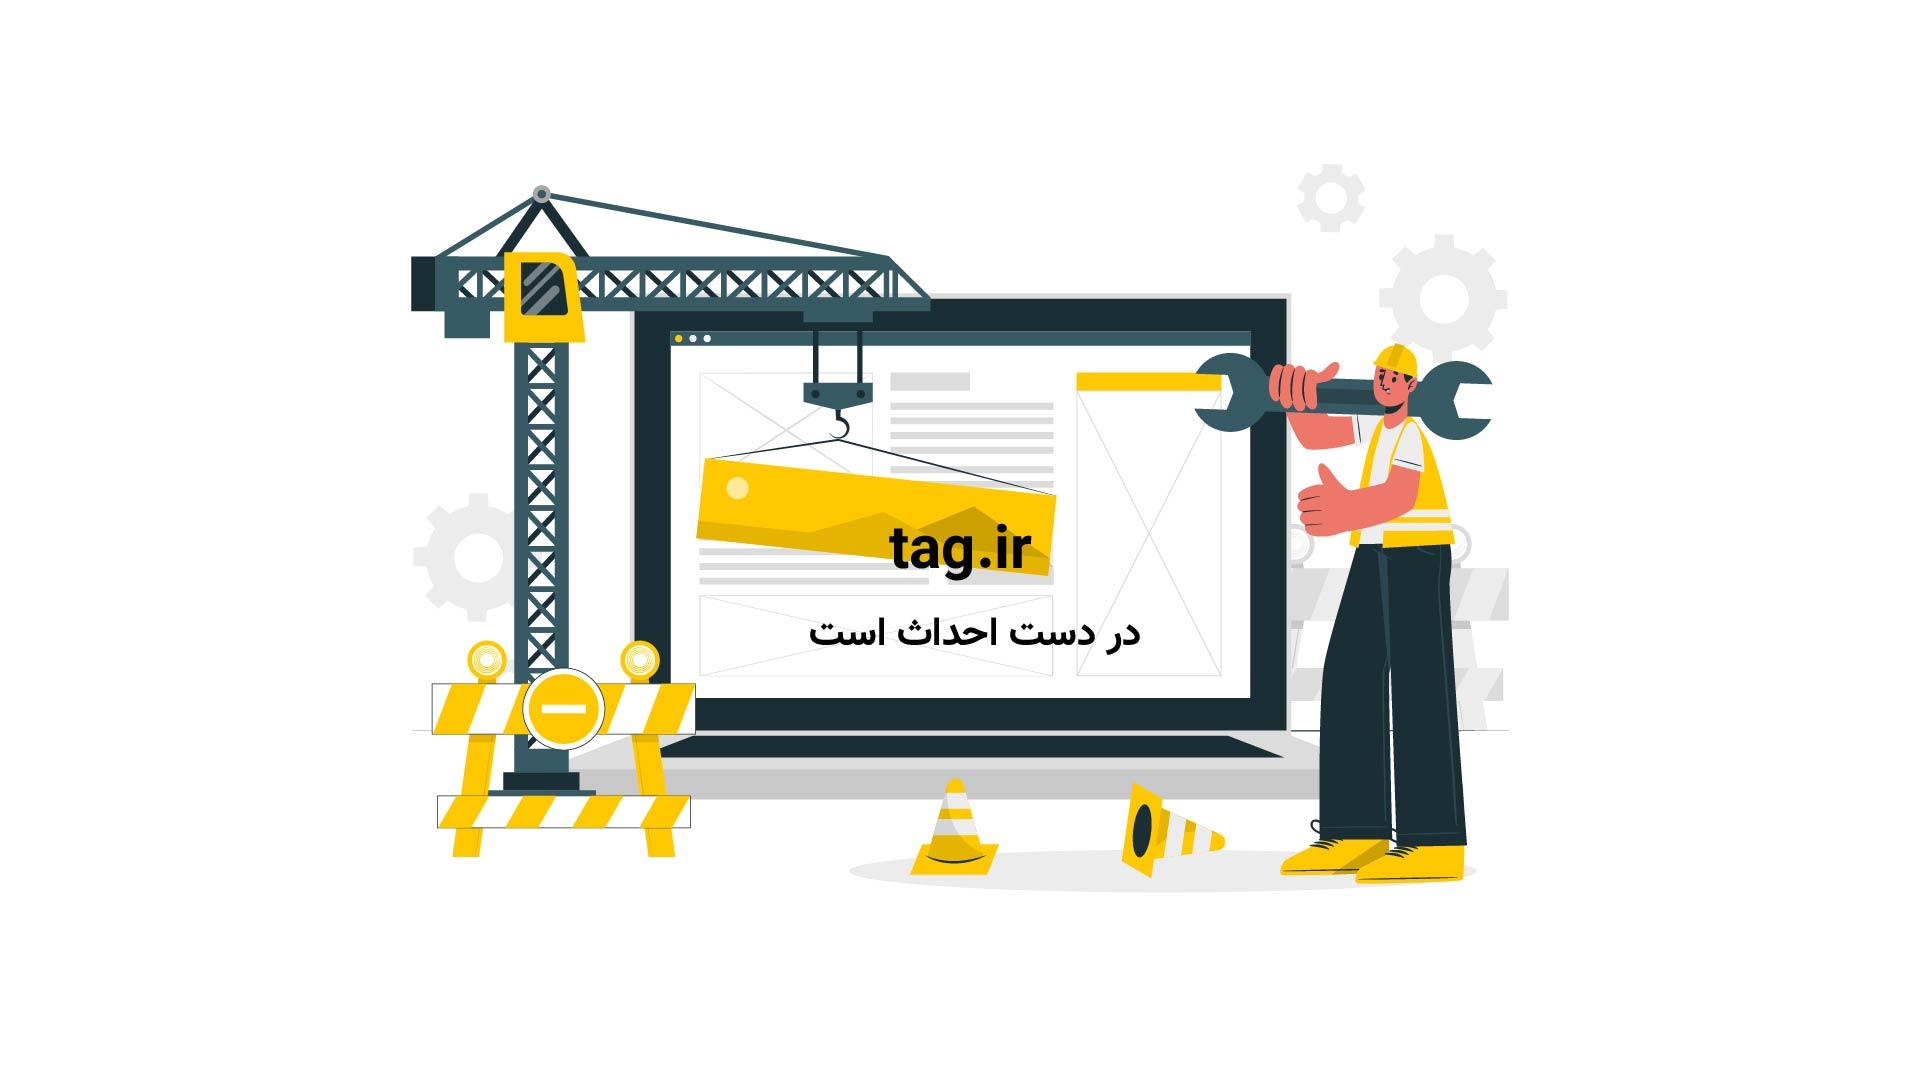 زلزله مدارس ایتالیا را تعطیل کرد | فیلم